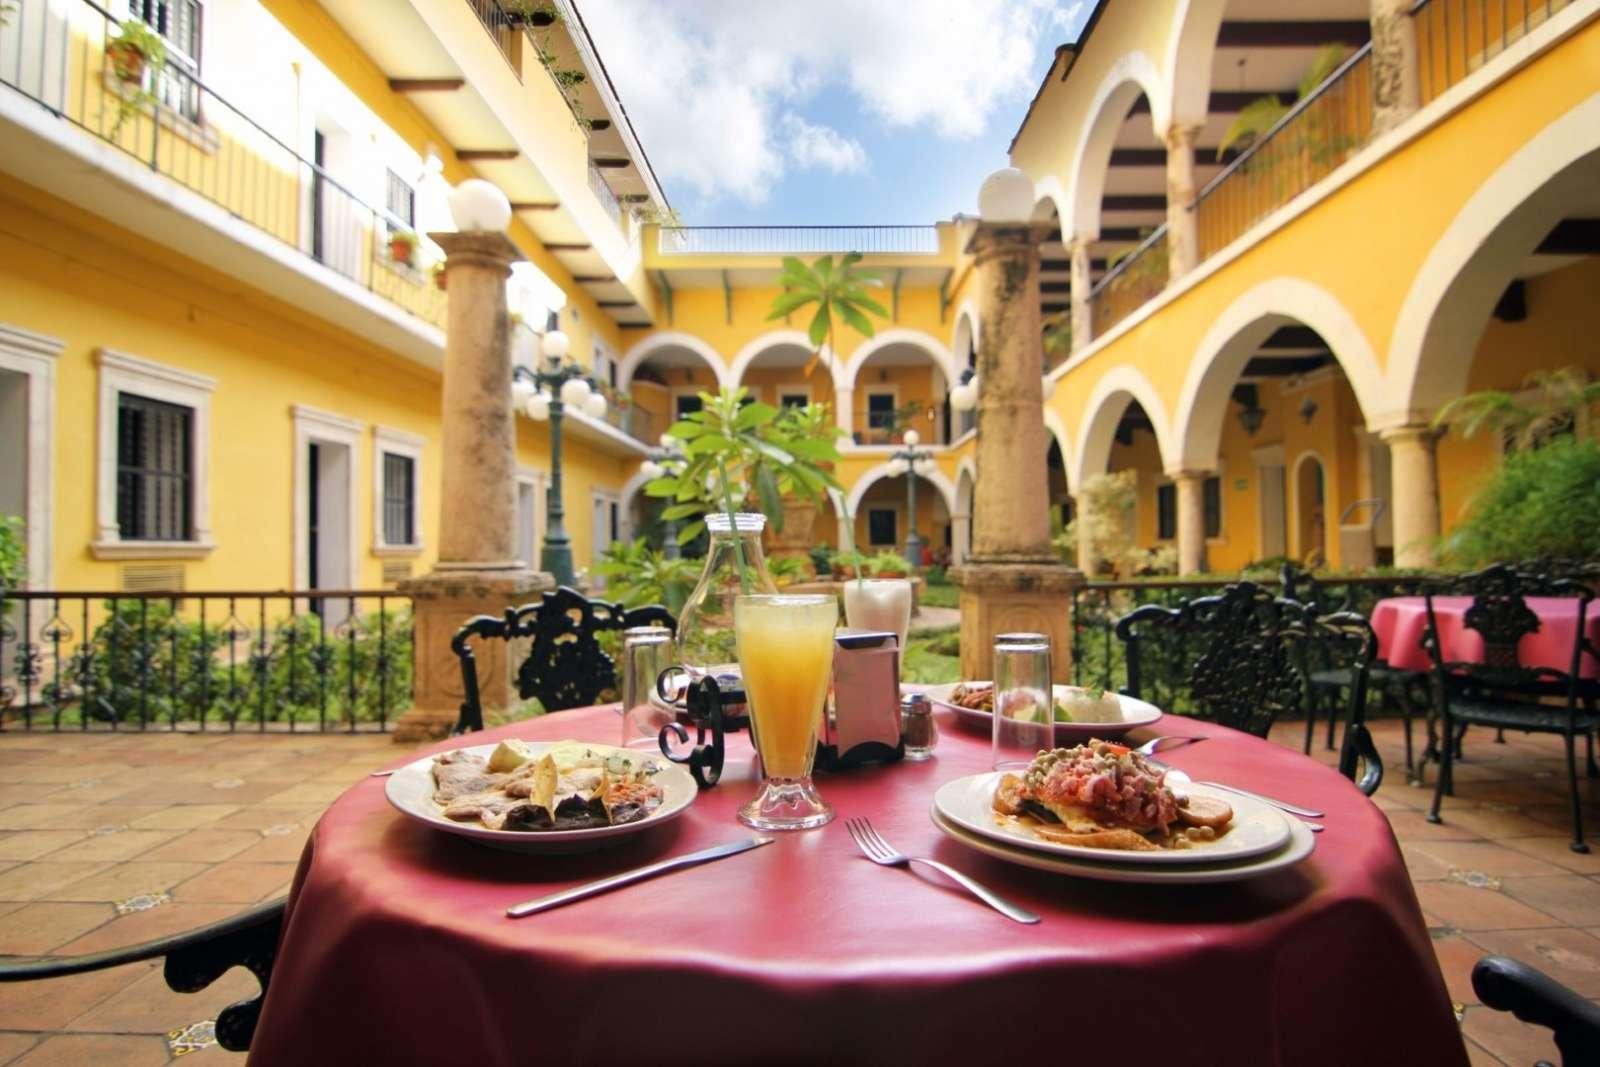 Meal at Hotel Caribe Merida